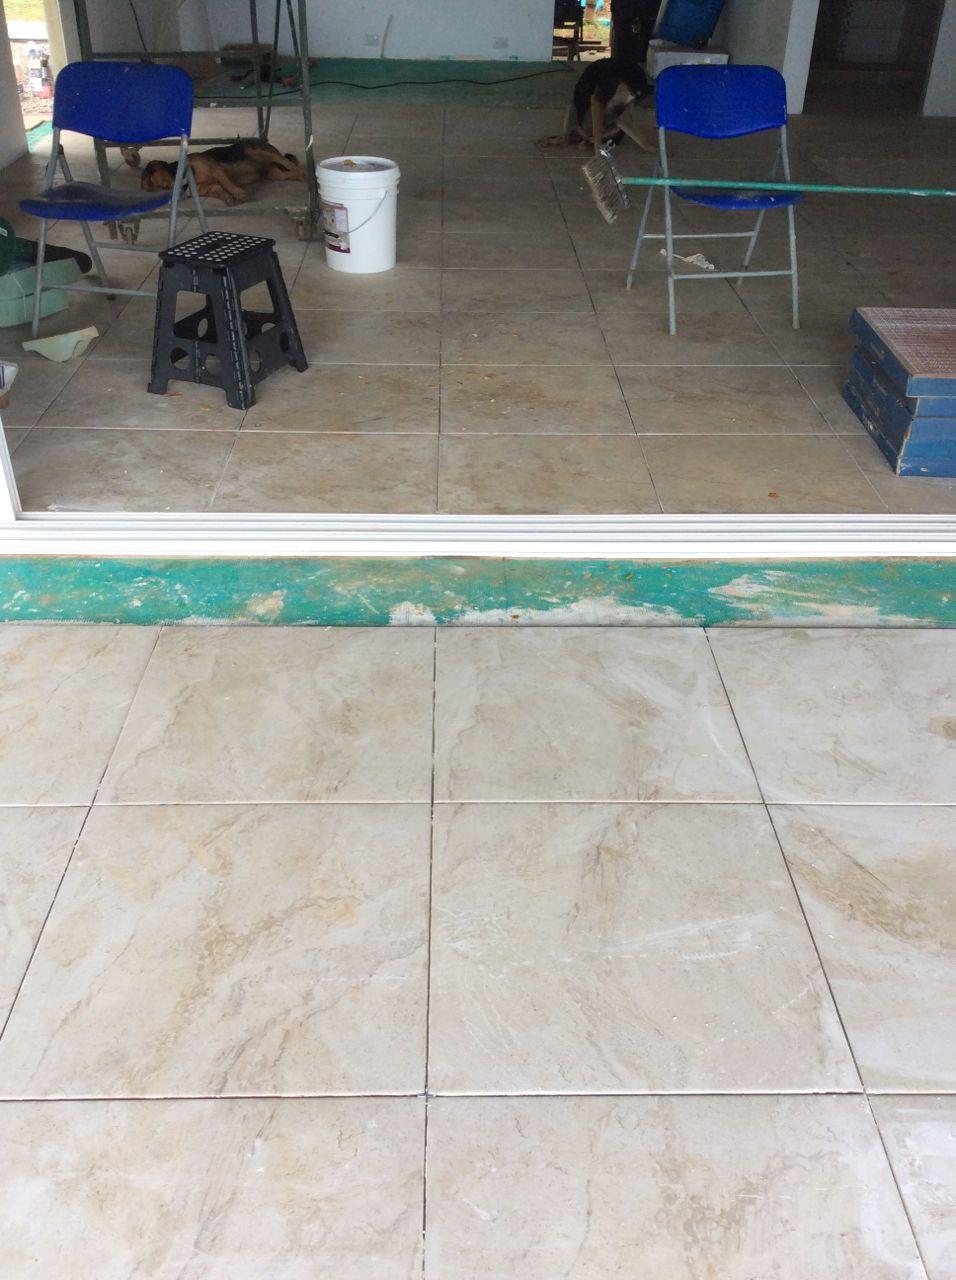 Tile line